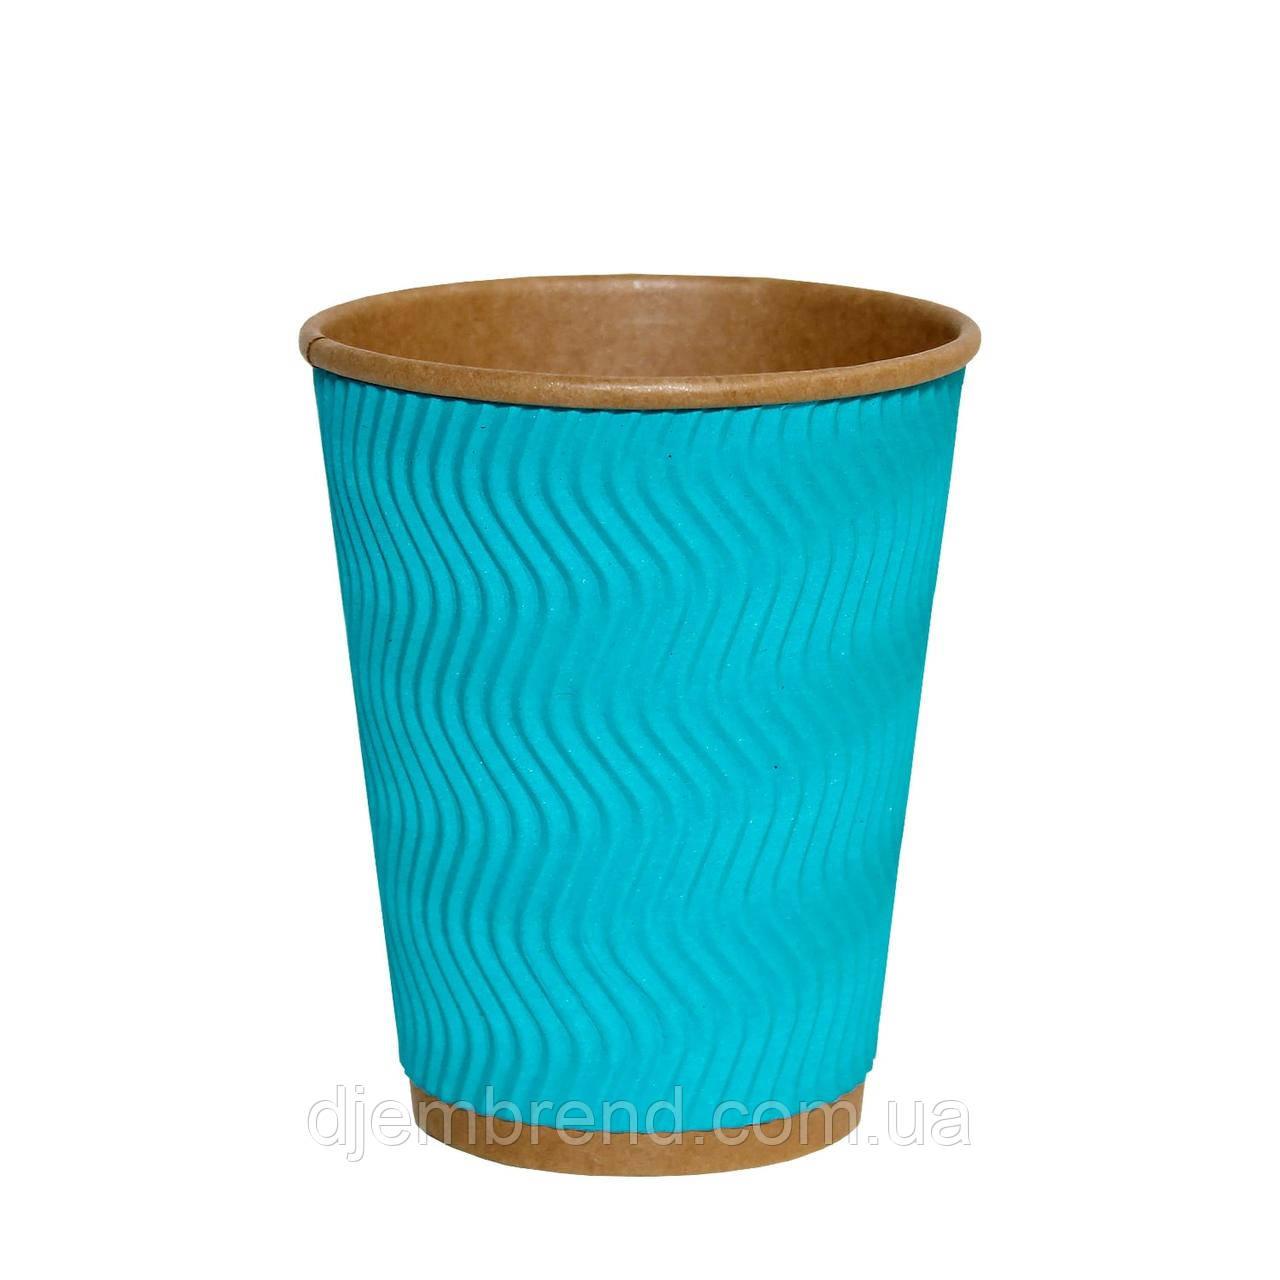 Стакан бумажный гофрированный Голубой волна 350 мл 30шт/уп КР 90